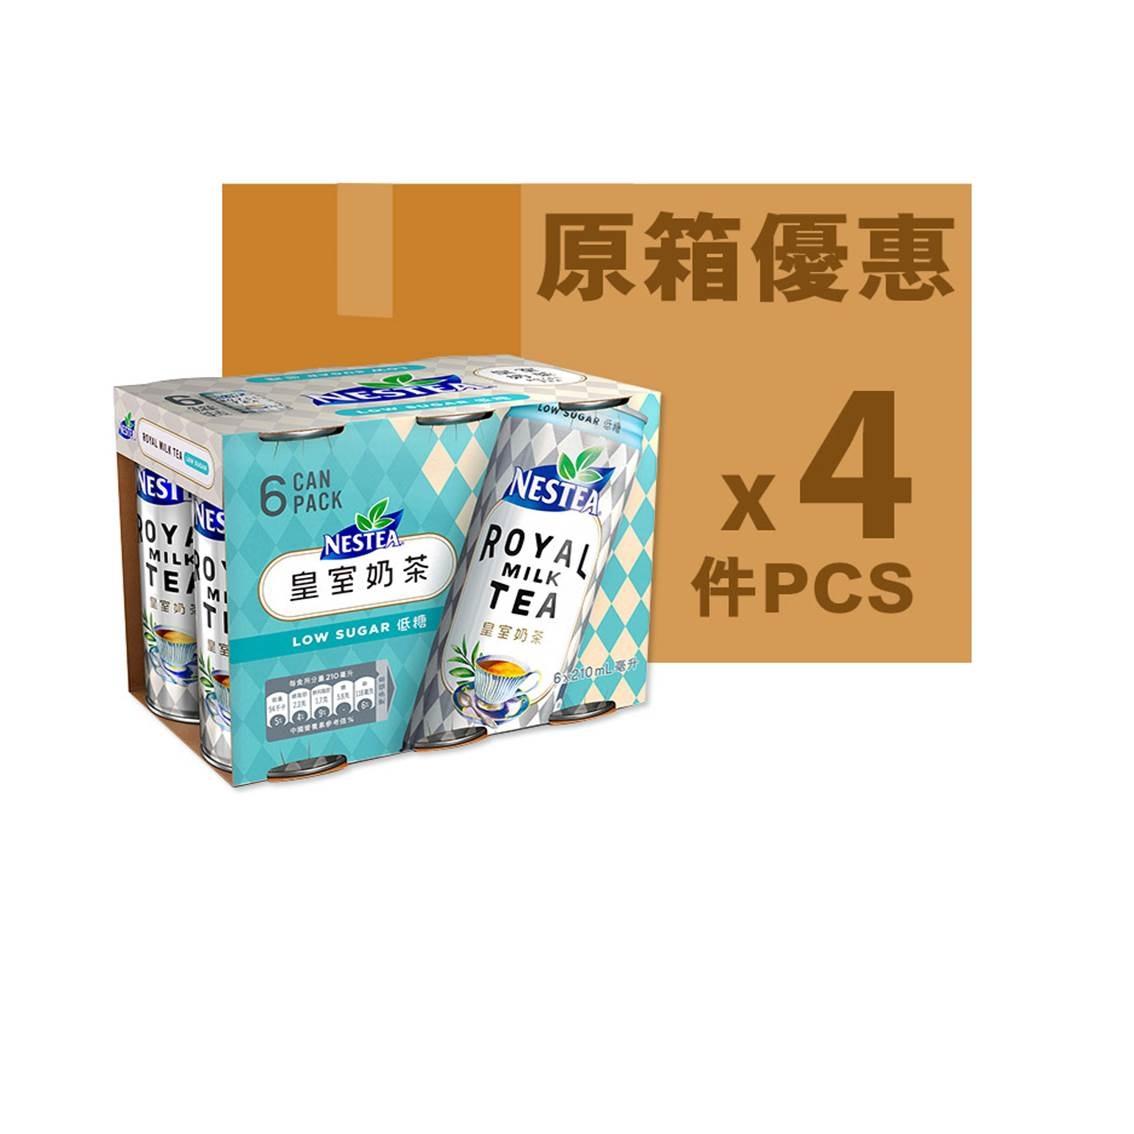 雀巢皇室奶茶低糖6罐210ML(FULL CASE)